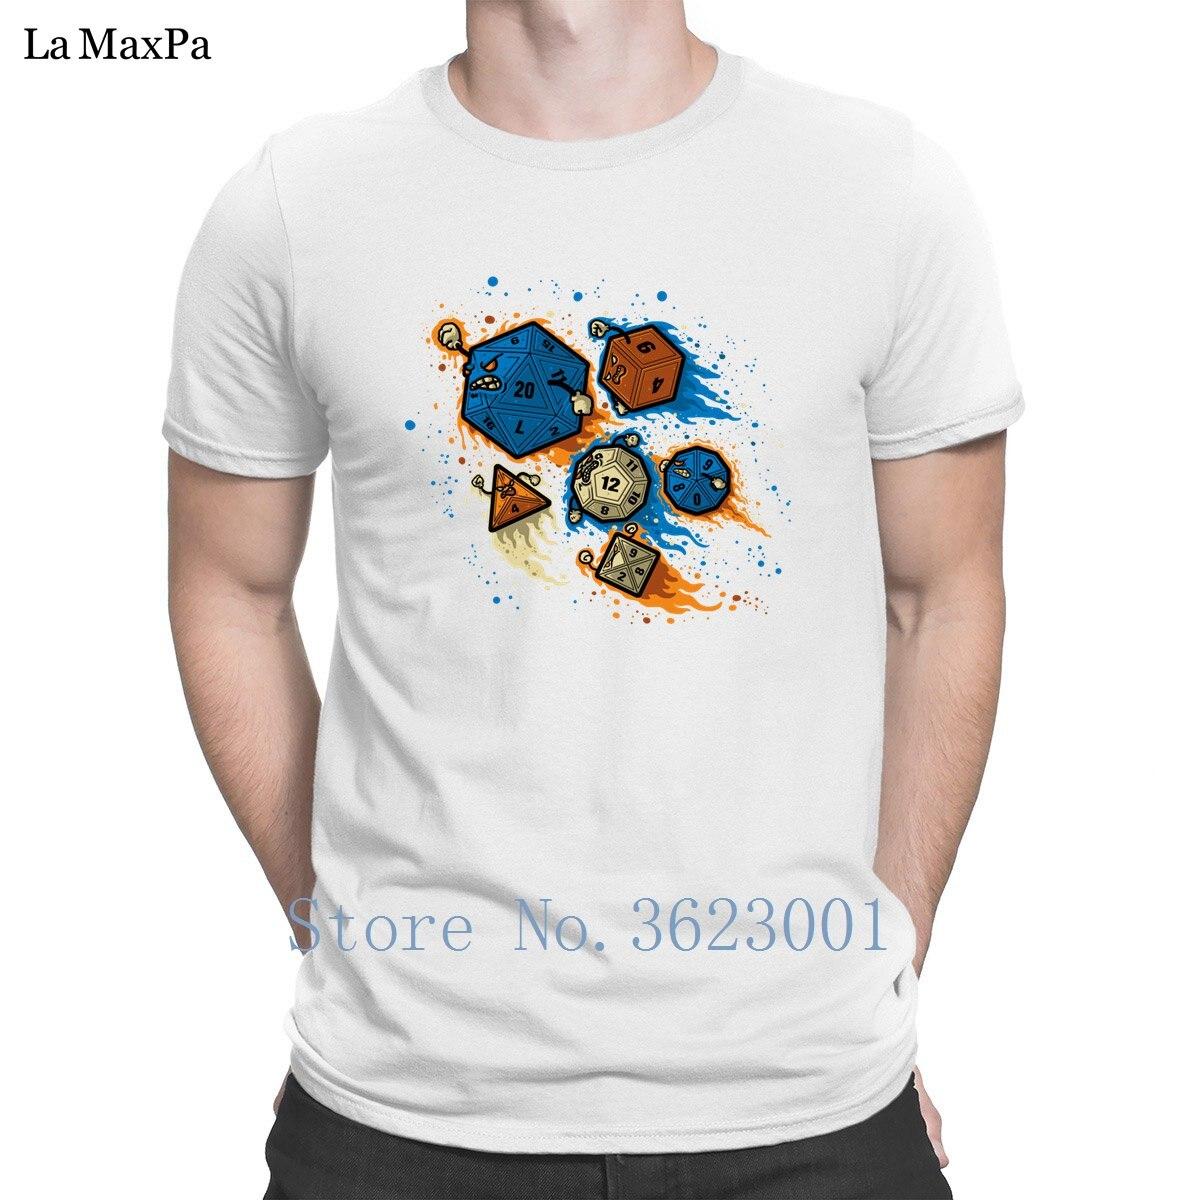 Личность хорошая футболка для Для мужчин RPG United Remix футболка Костюмы Графический Футболка Экипажа Средства ухода за кожей Шеи Для мужчин фут...